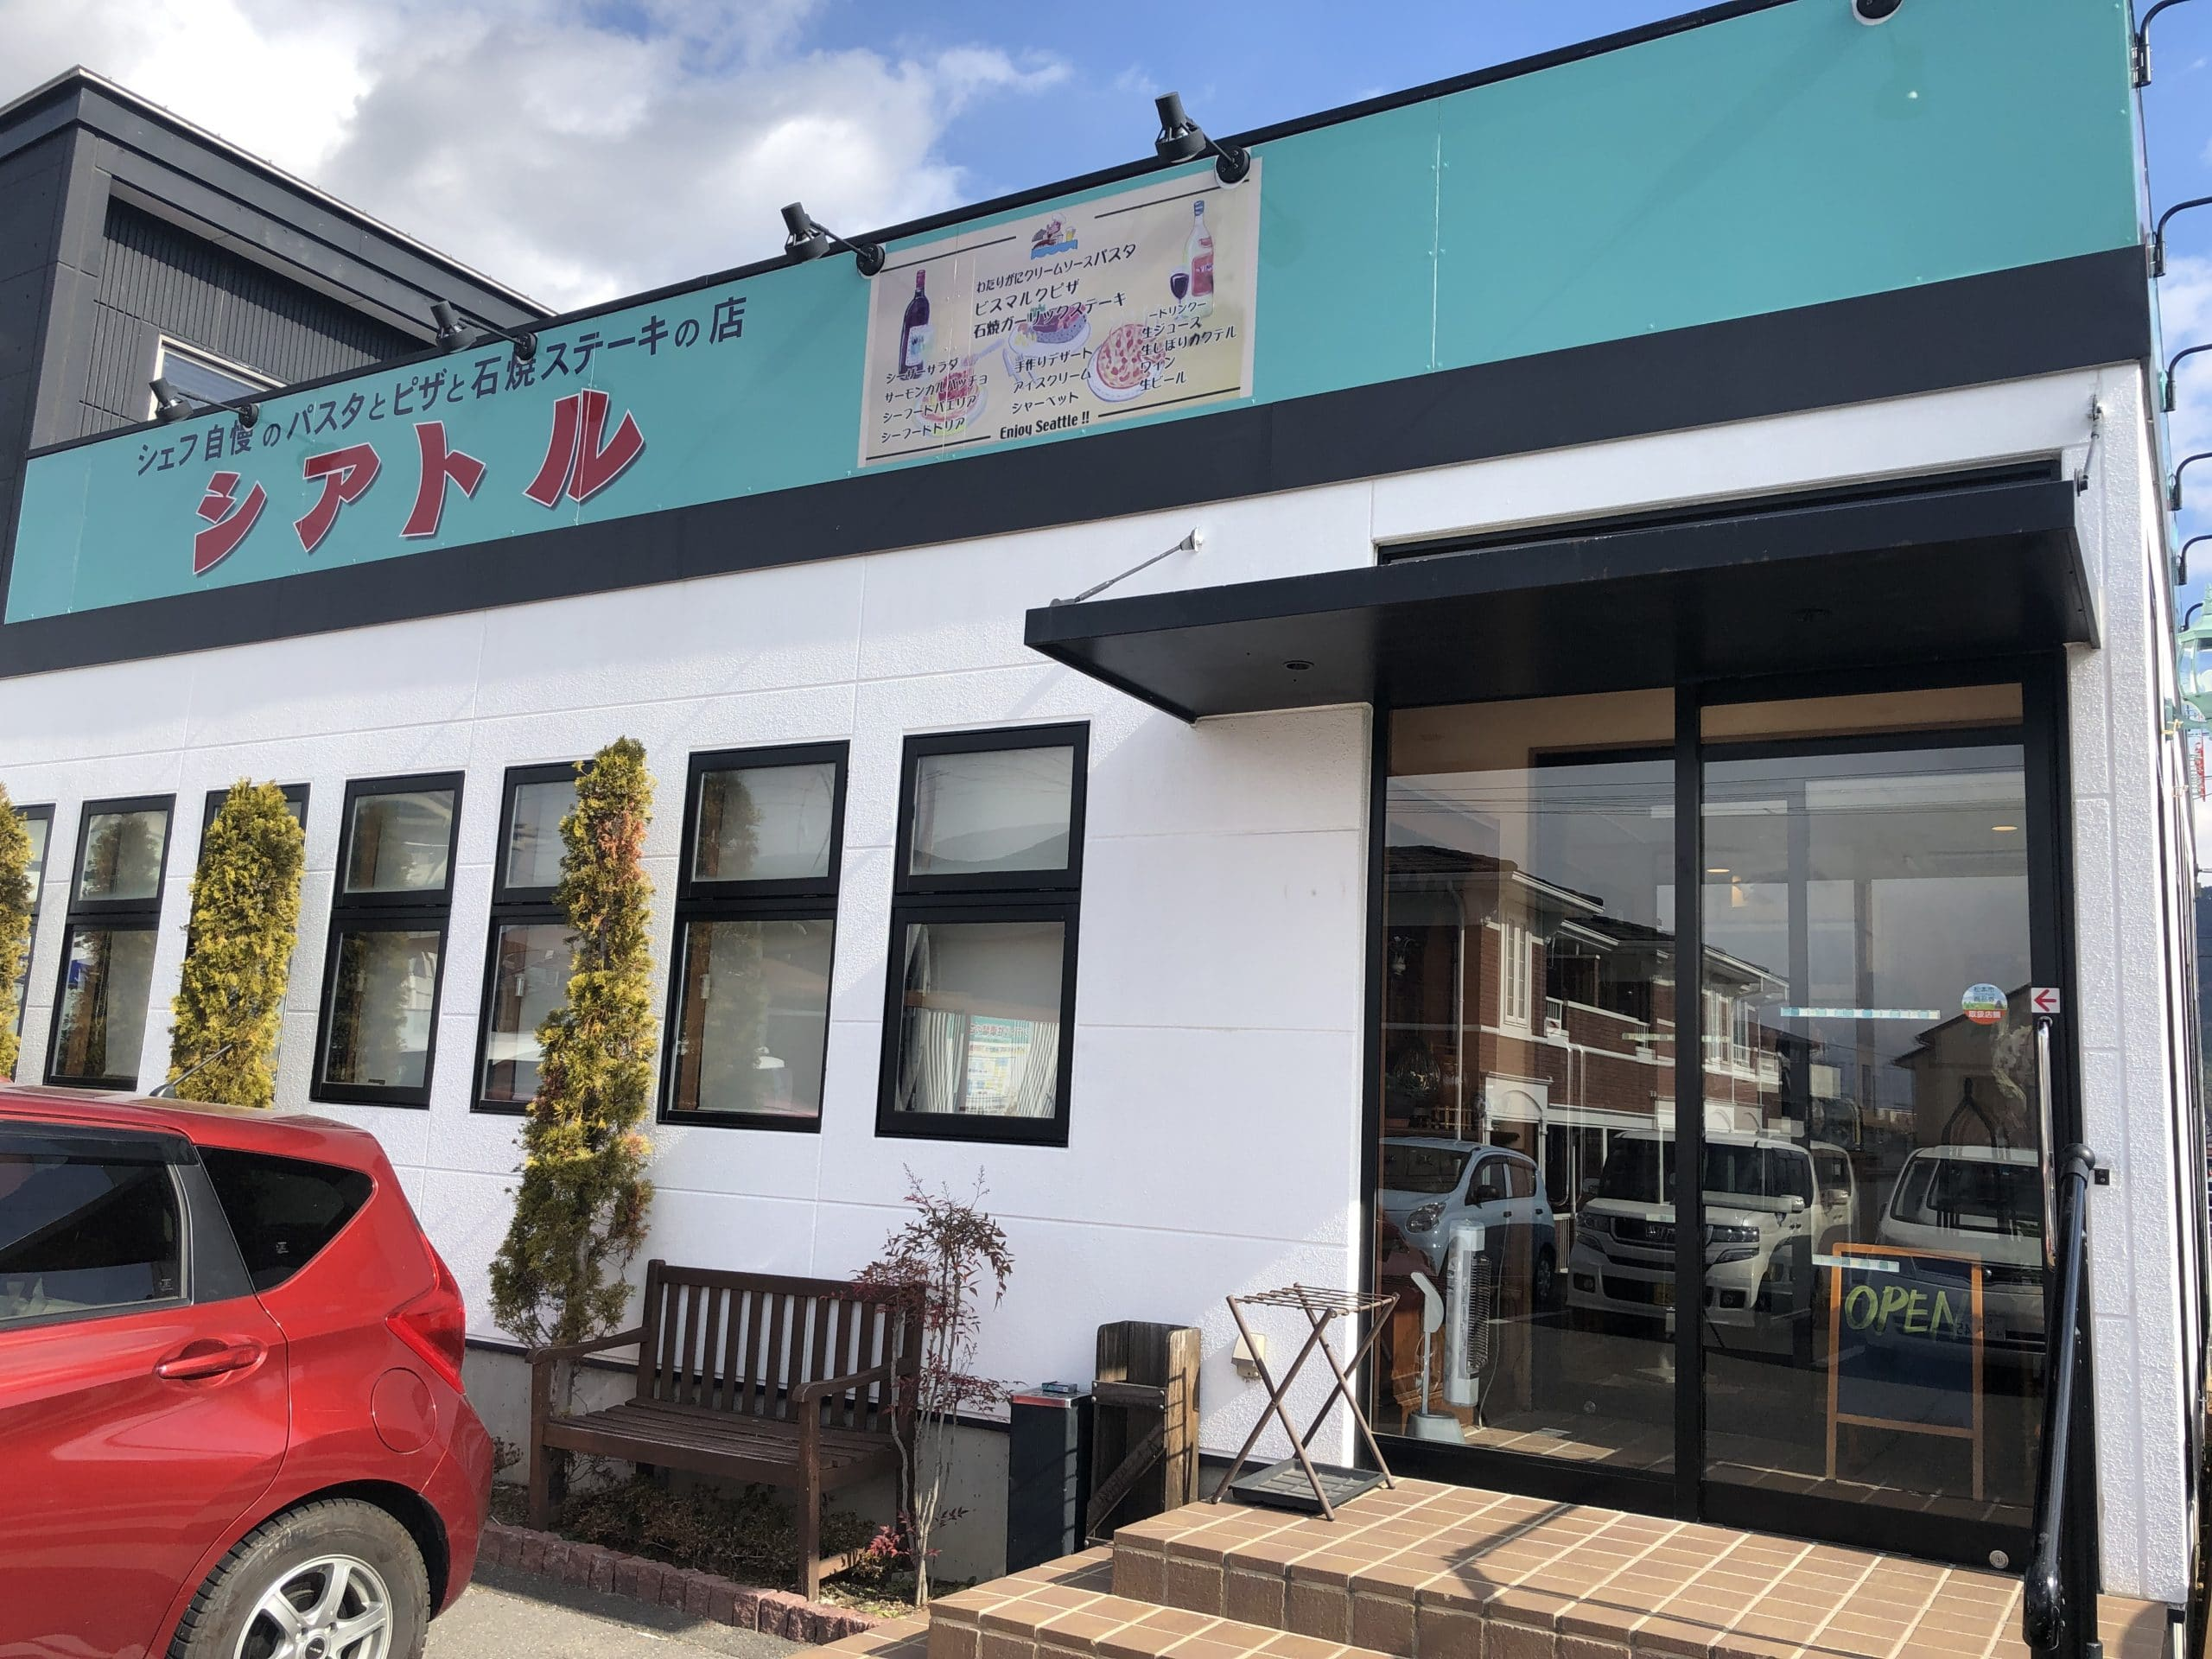 【松本市】伊・米料理レストラン「シアトル」の魅力